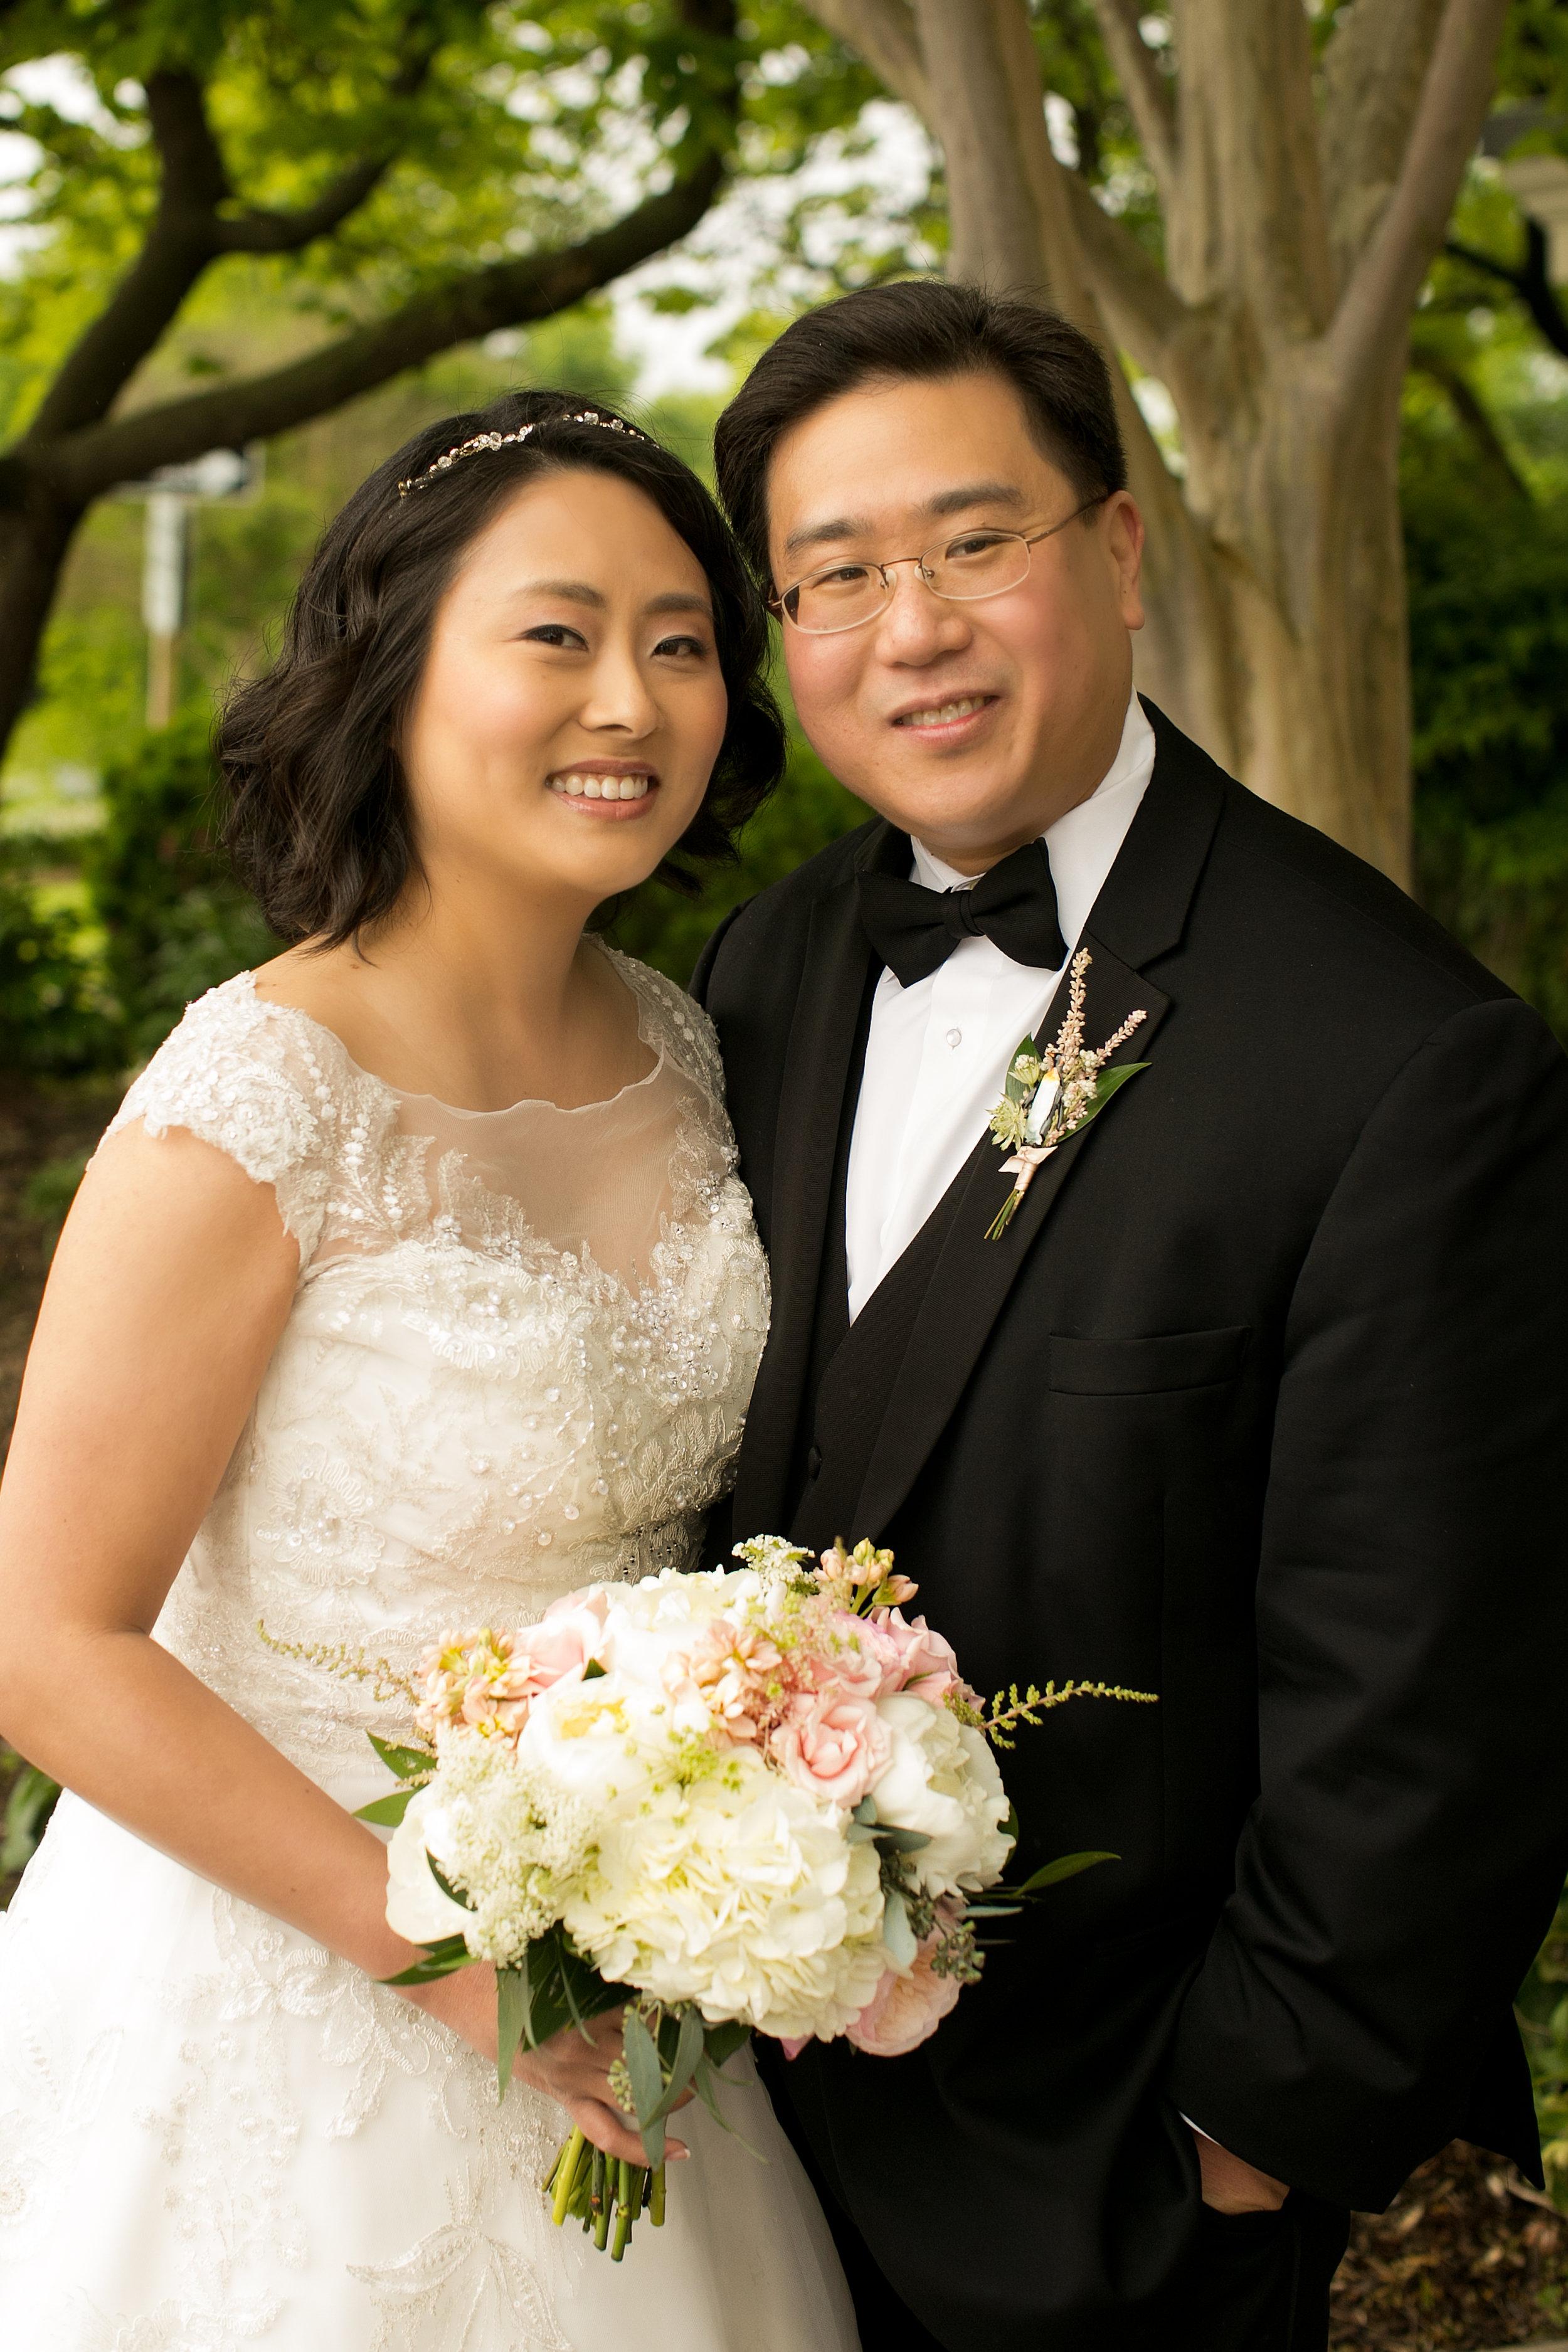 Jessica Kim - Ethan Yang - KS SN0328.jpg